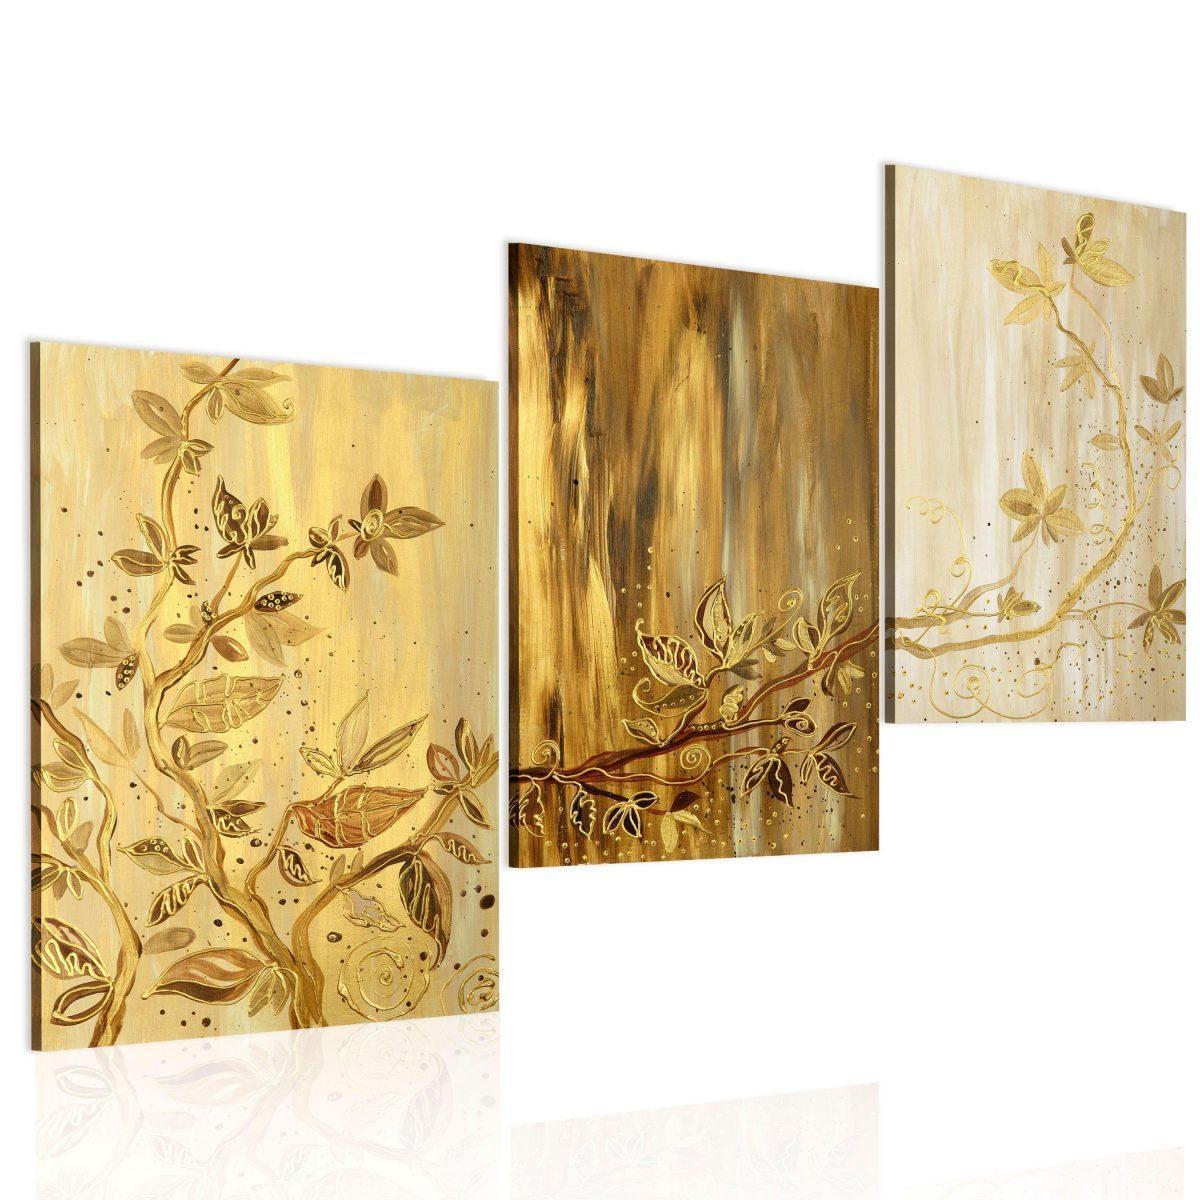 Handmålad tavla - Gyllene blad